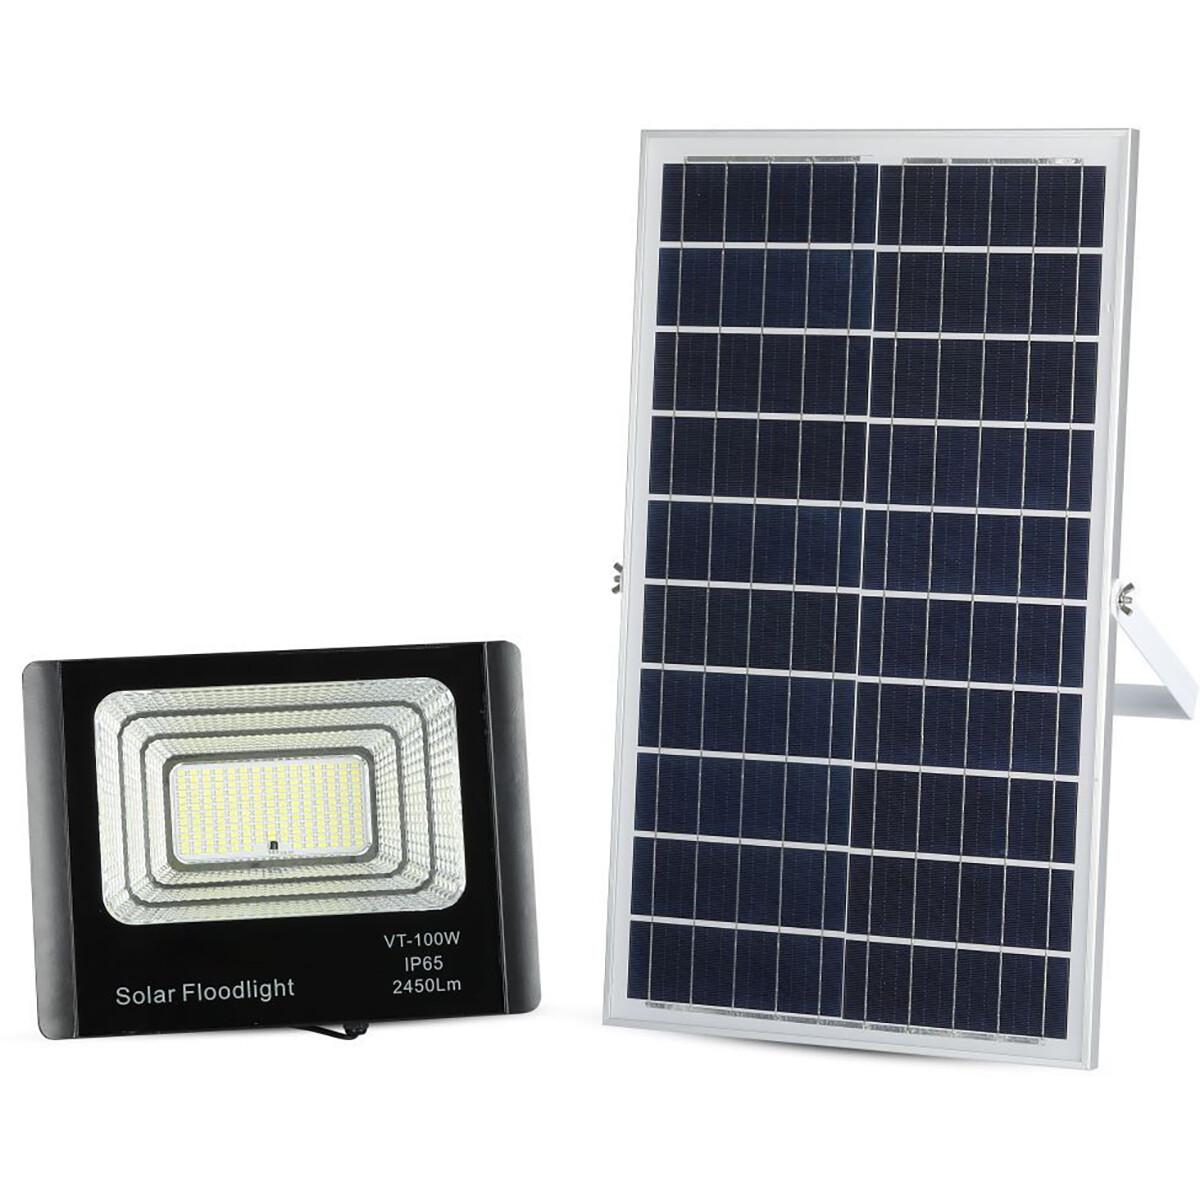 LED Bouwlamp 35 Watt met Zonne-Energie Incl. Afstandsbediening - LED Schijnwerper - Natuurlijk Wit 4